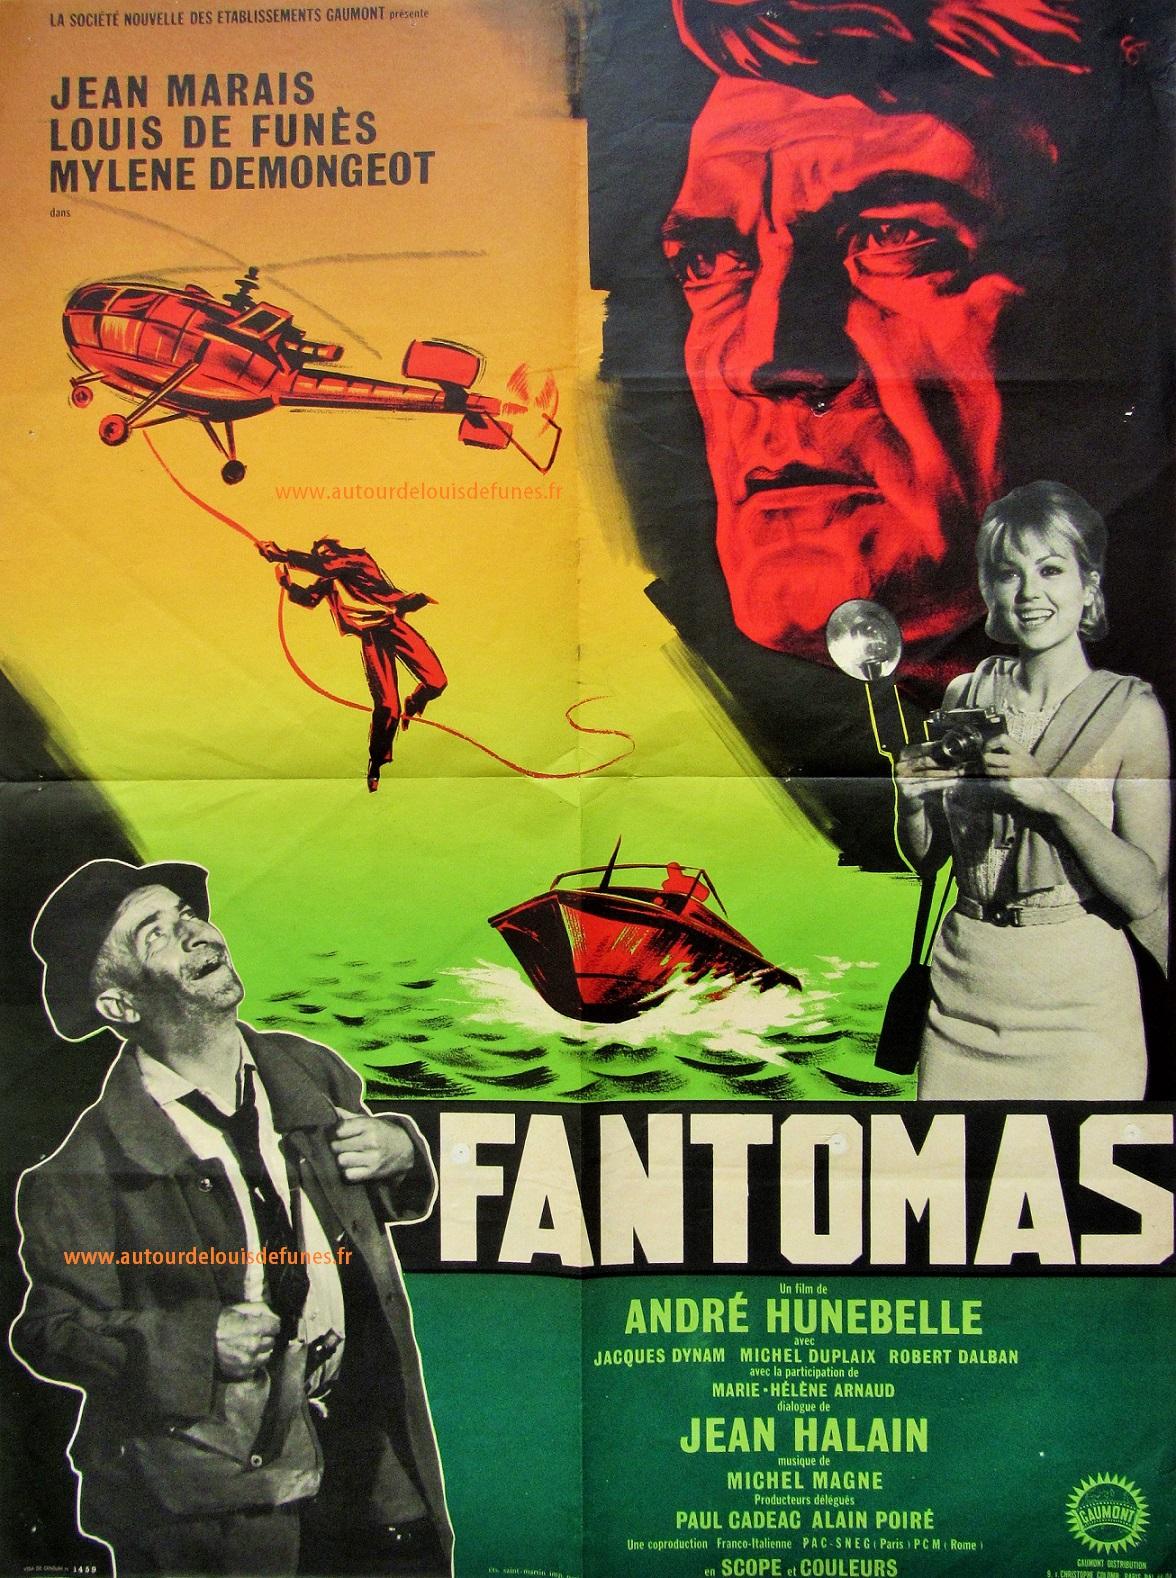 Abécédaire des Films - Page 12 Fantomas_france_1964_60x80